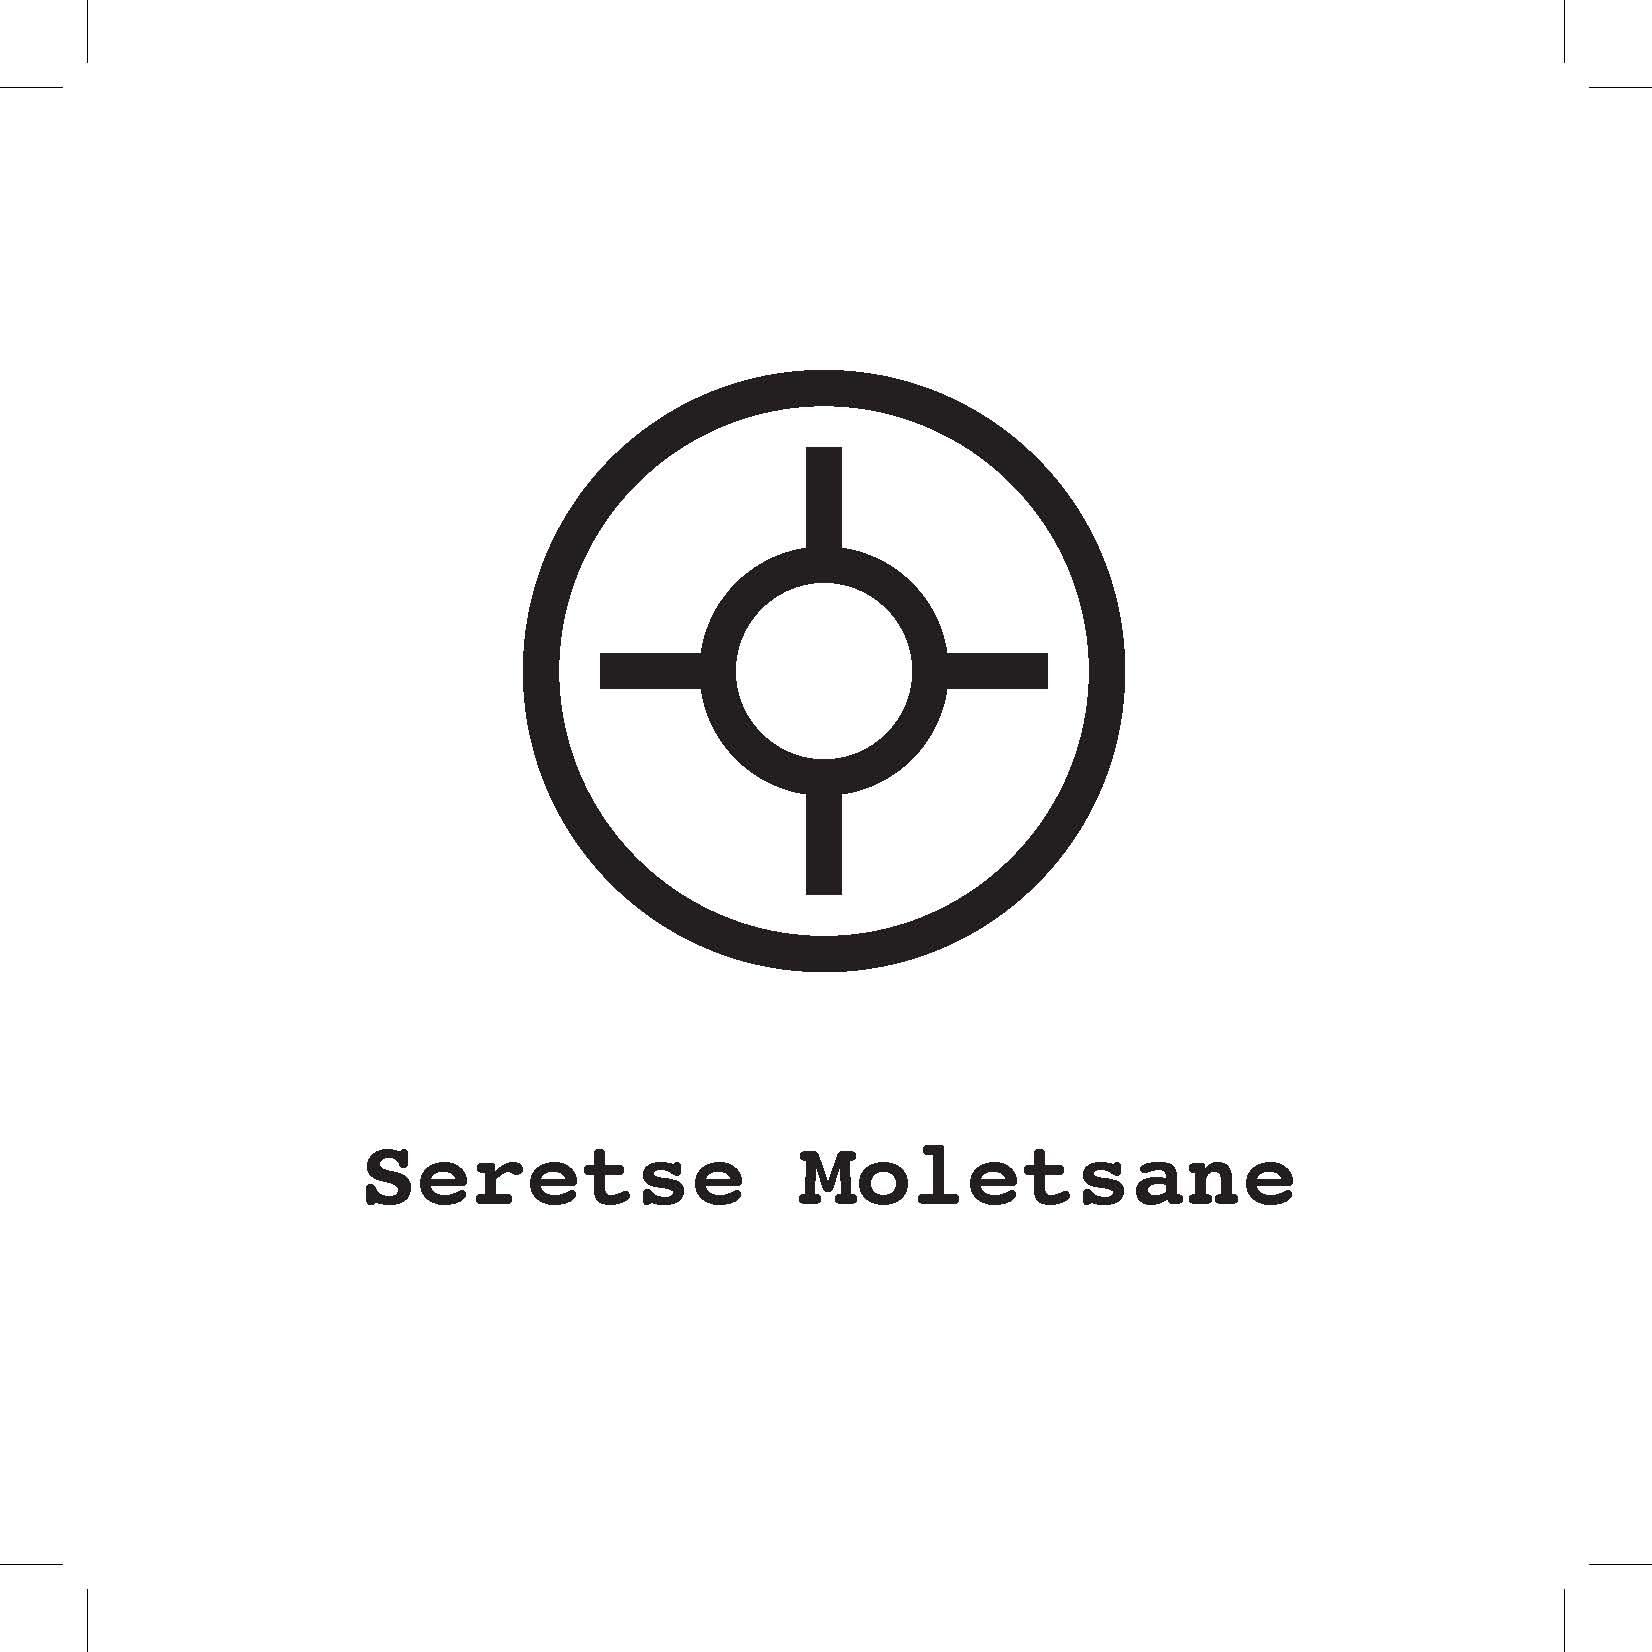 MAP Southafrica - Seretse Moletsane